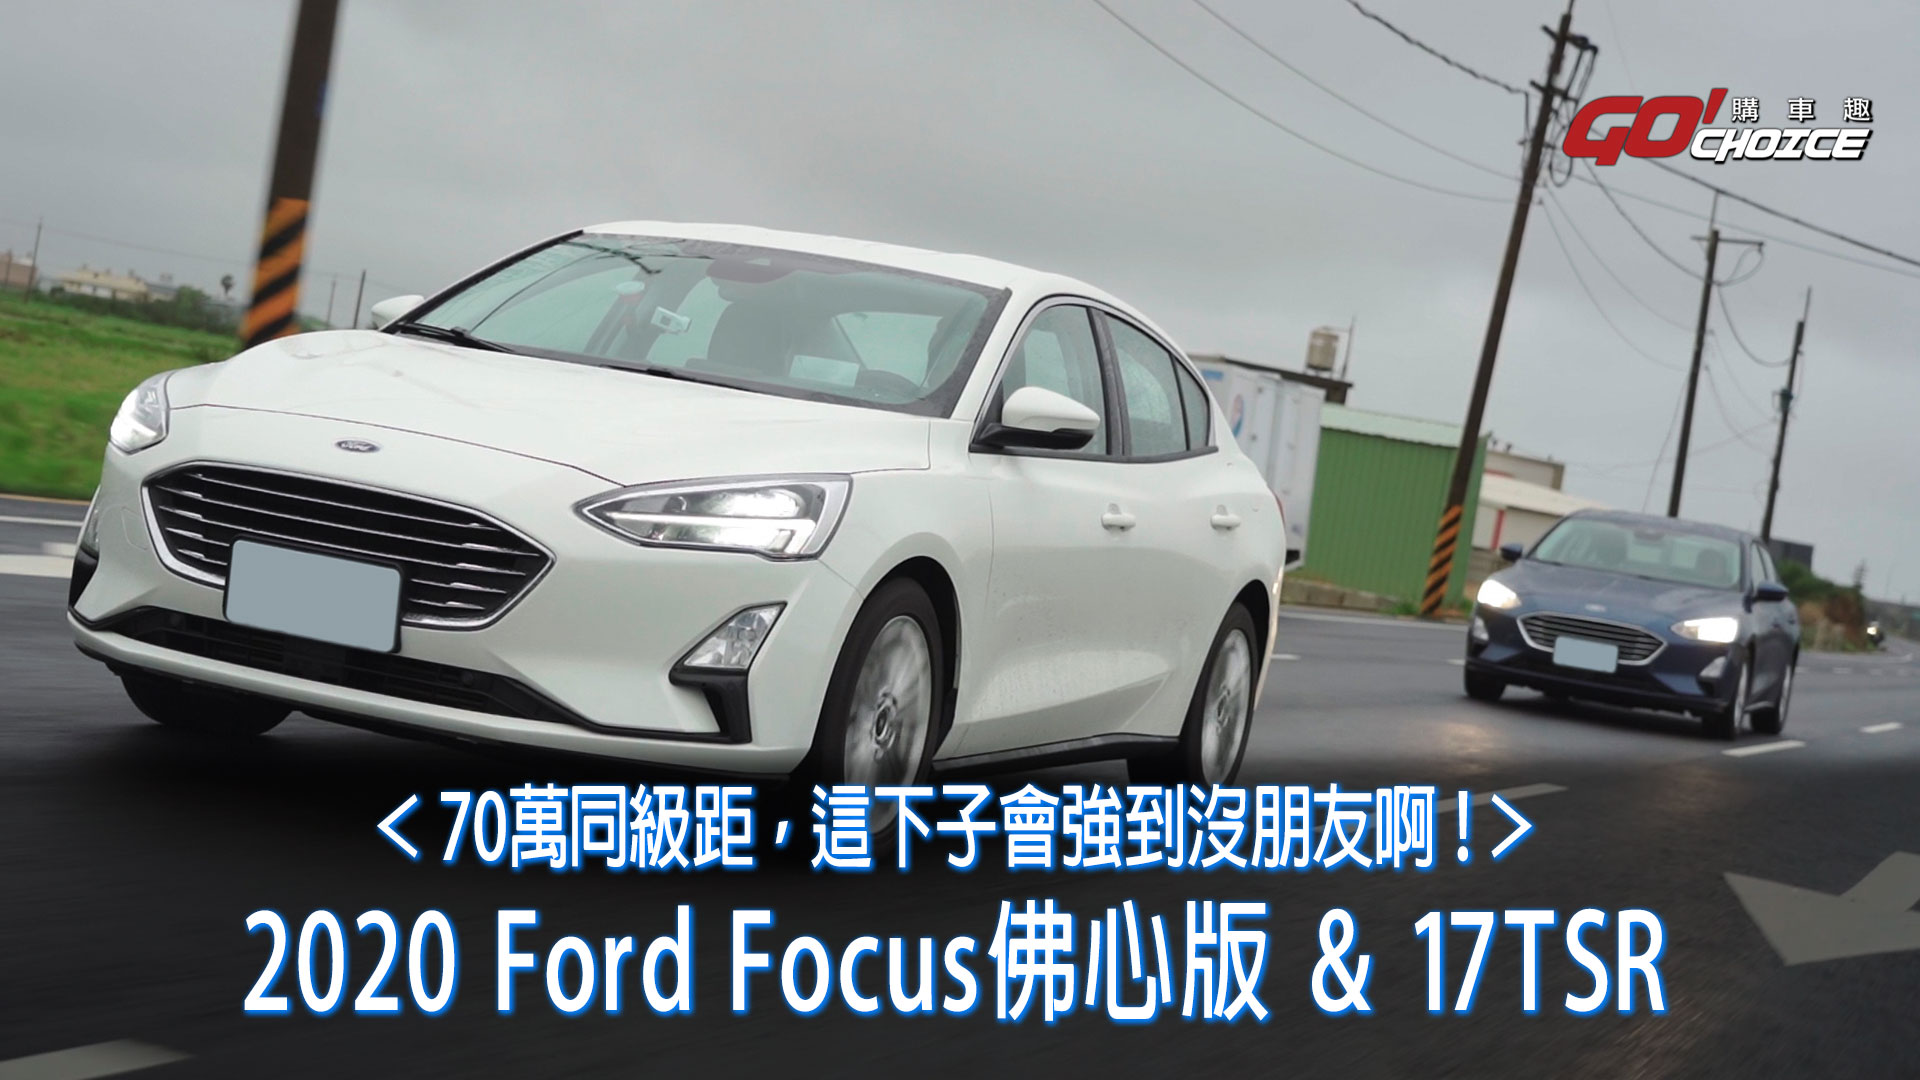 試駕報導-2020 Ford Focus佛心版&17TSR!70萬同級距,這下子會強到沒朋友啊!